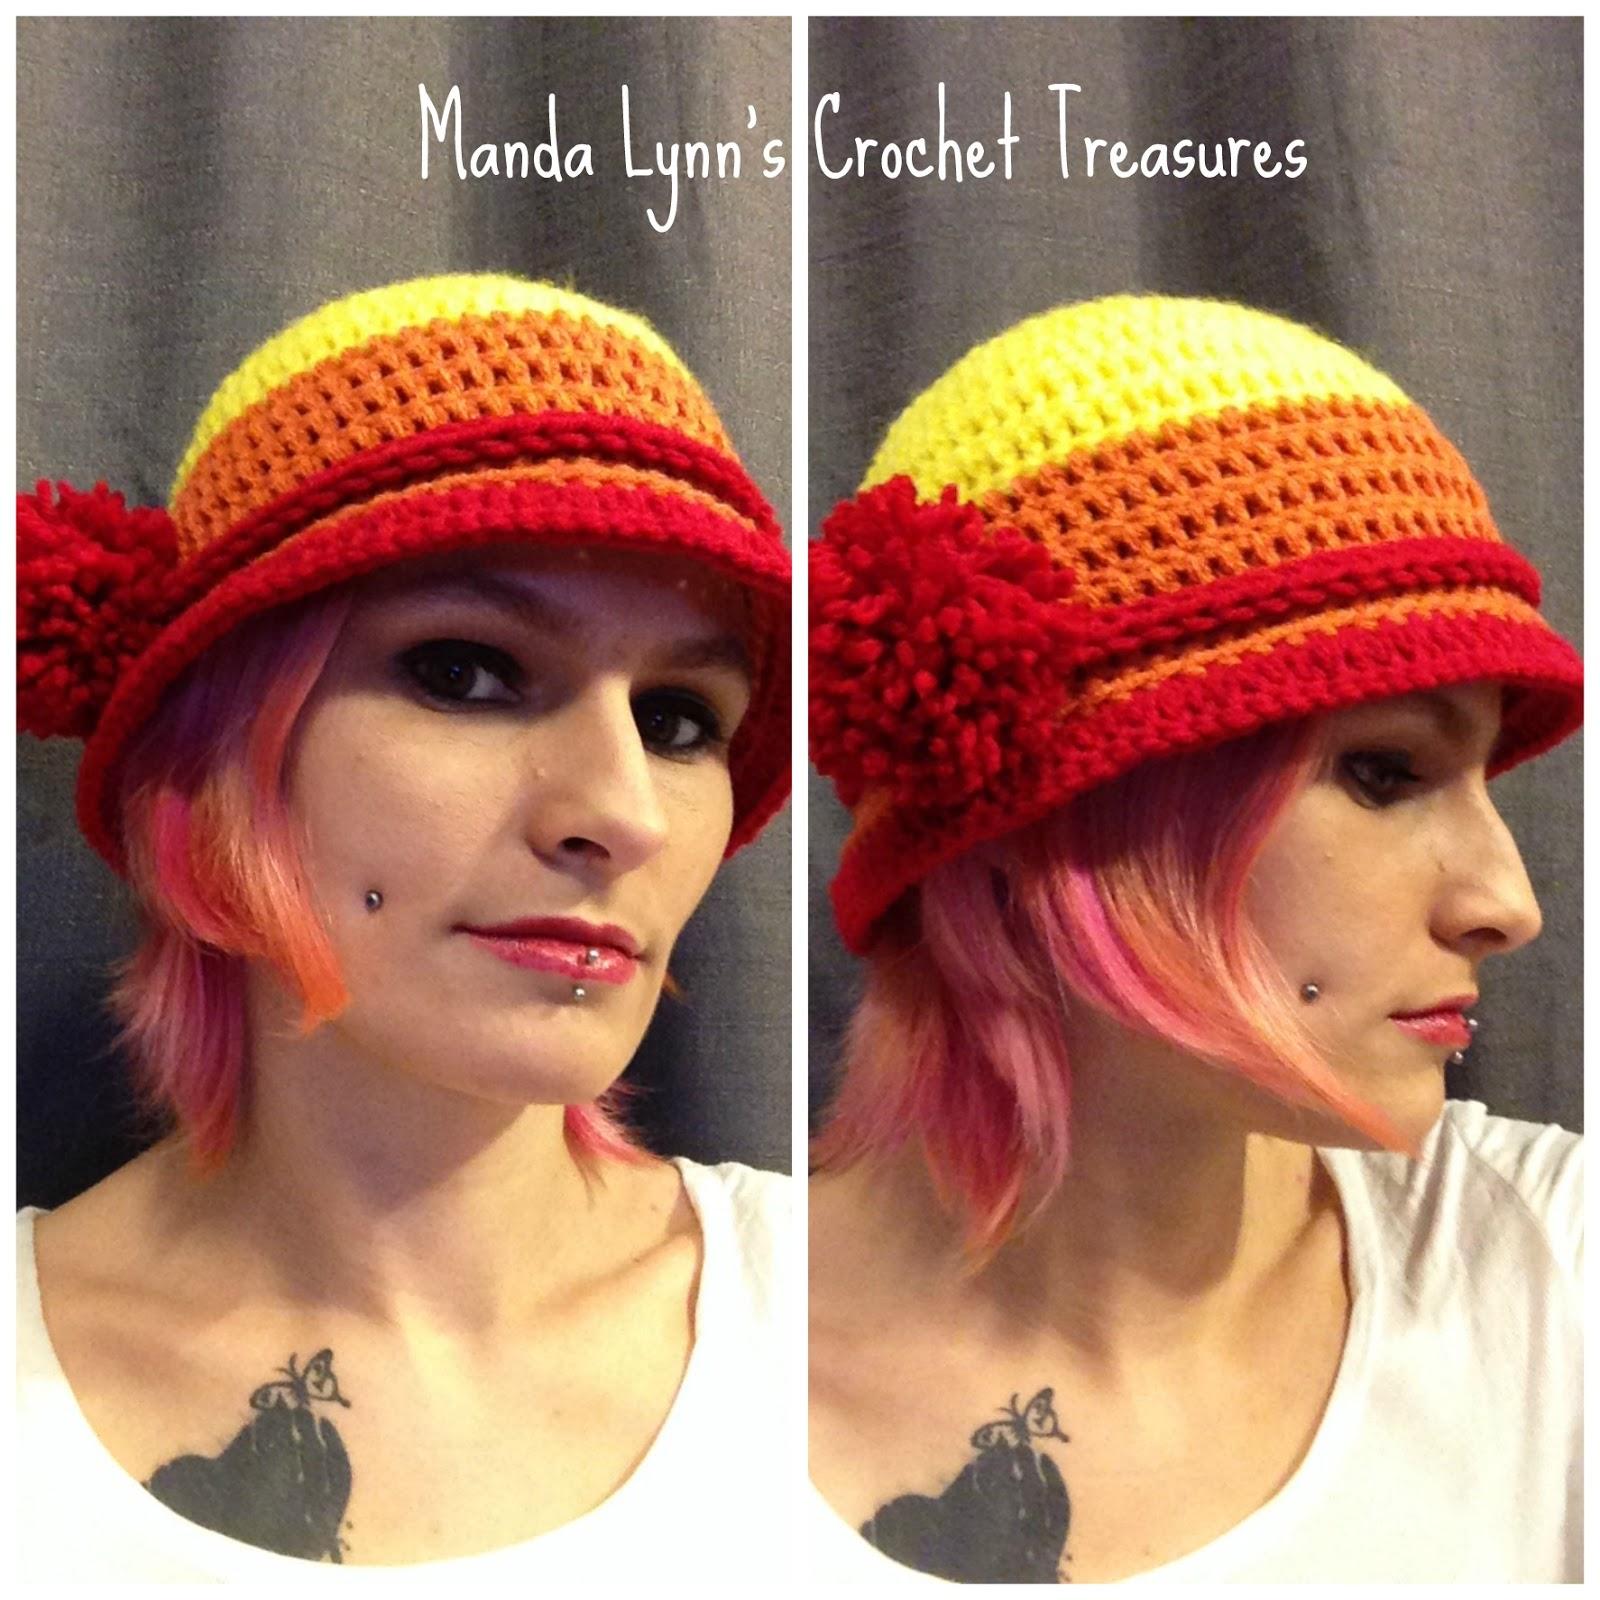 MandaLynn\'s Crochet Treasures : February 2016